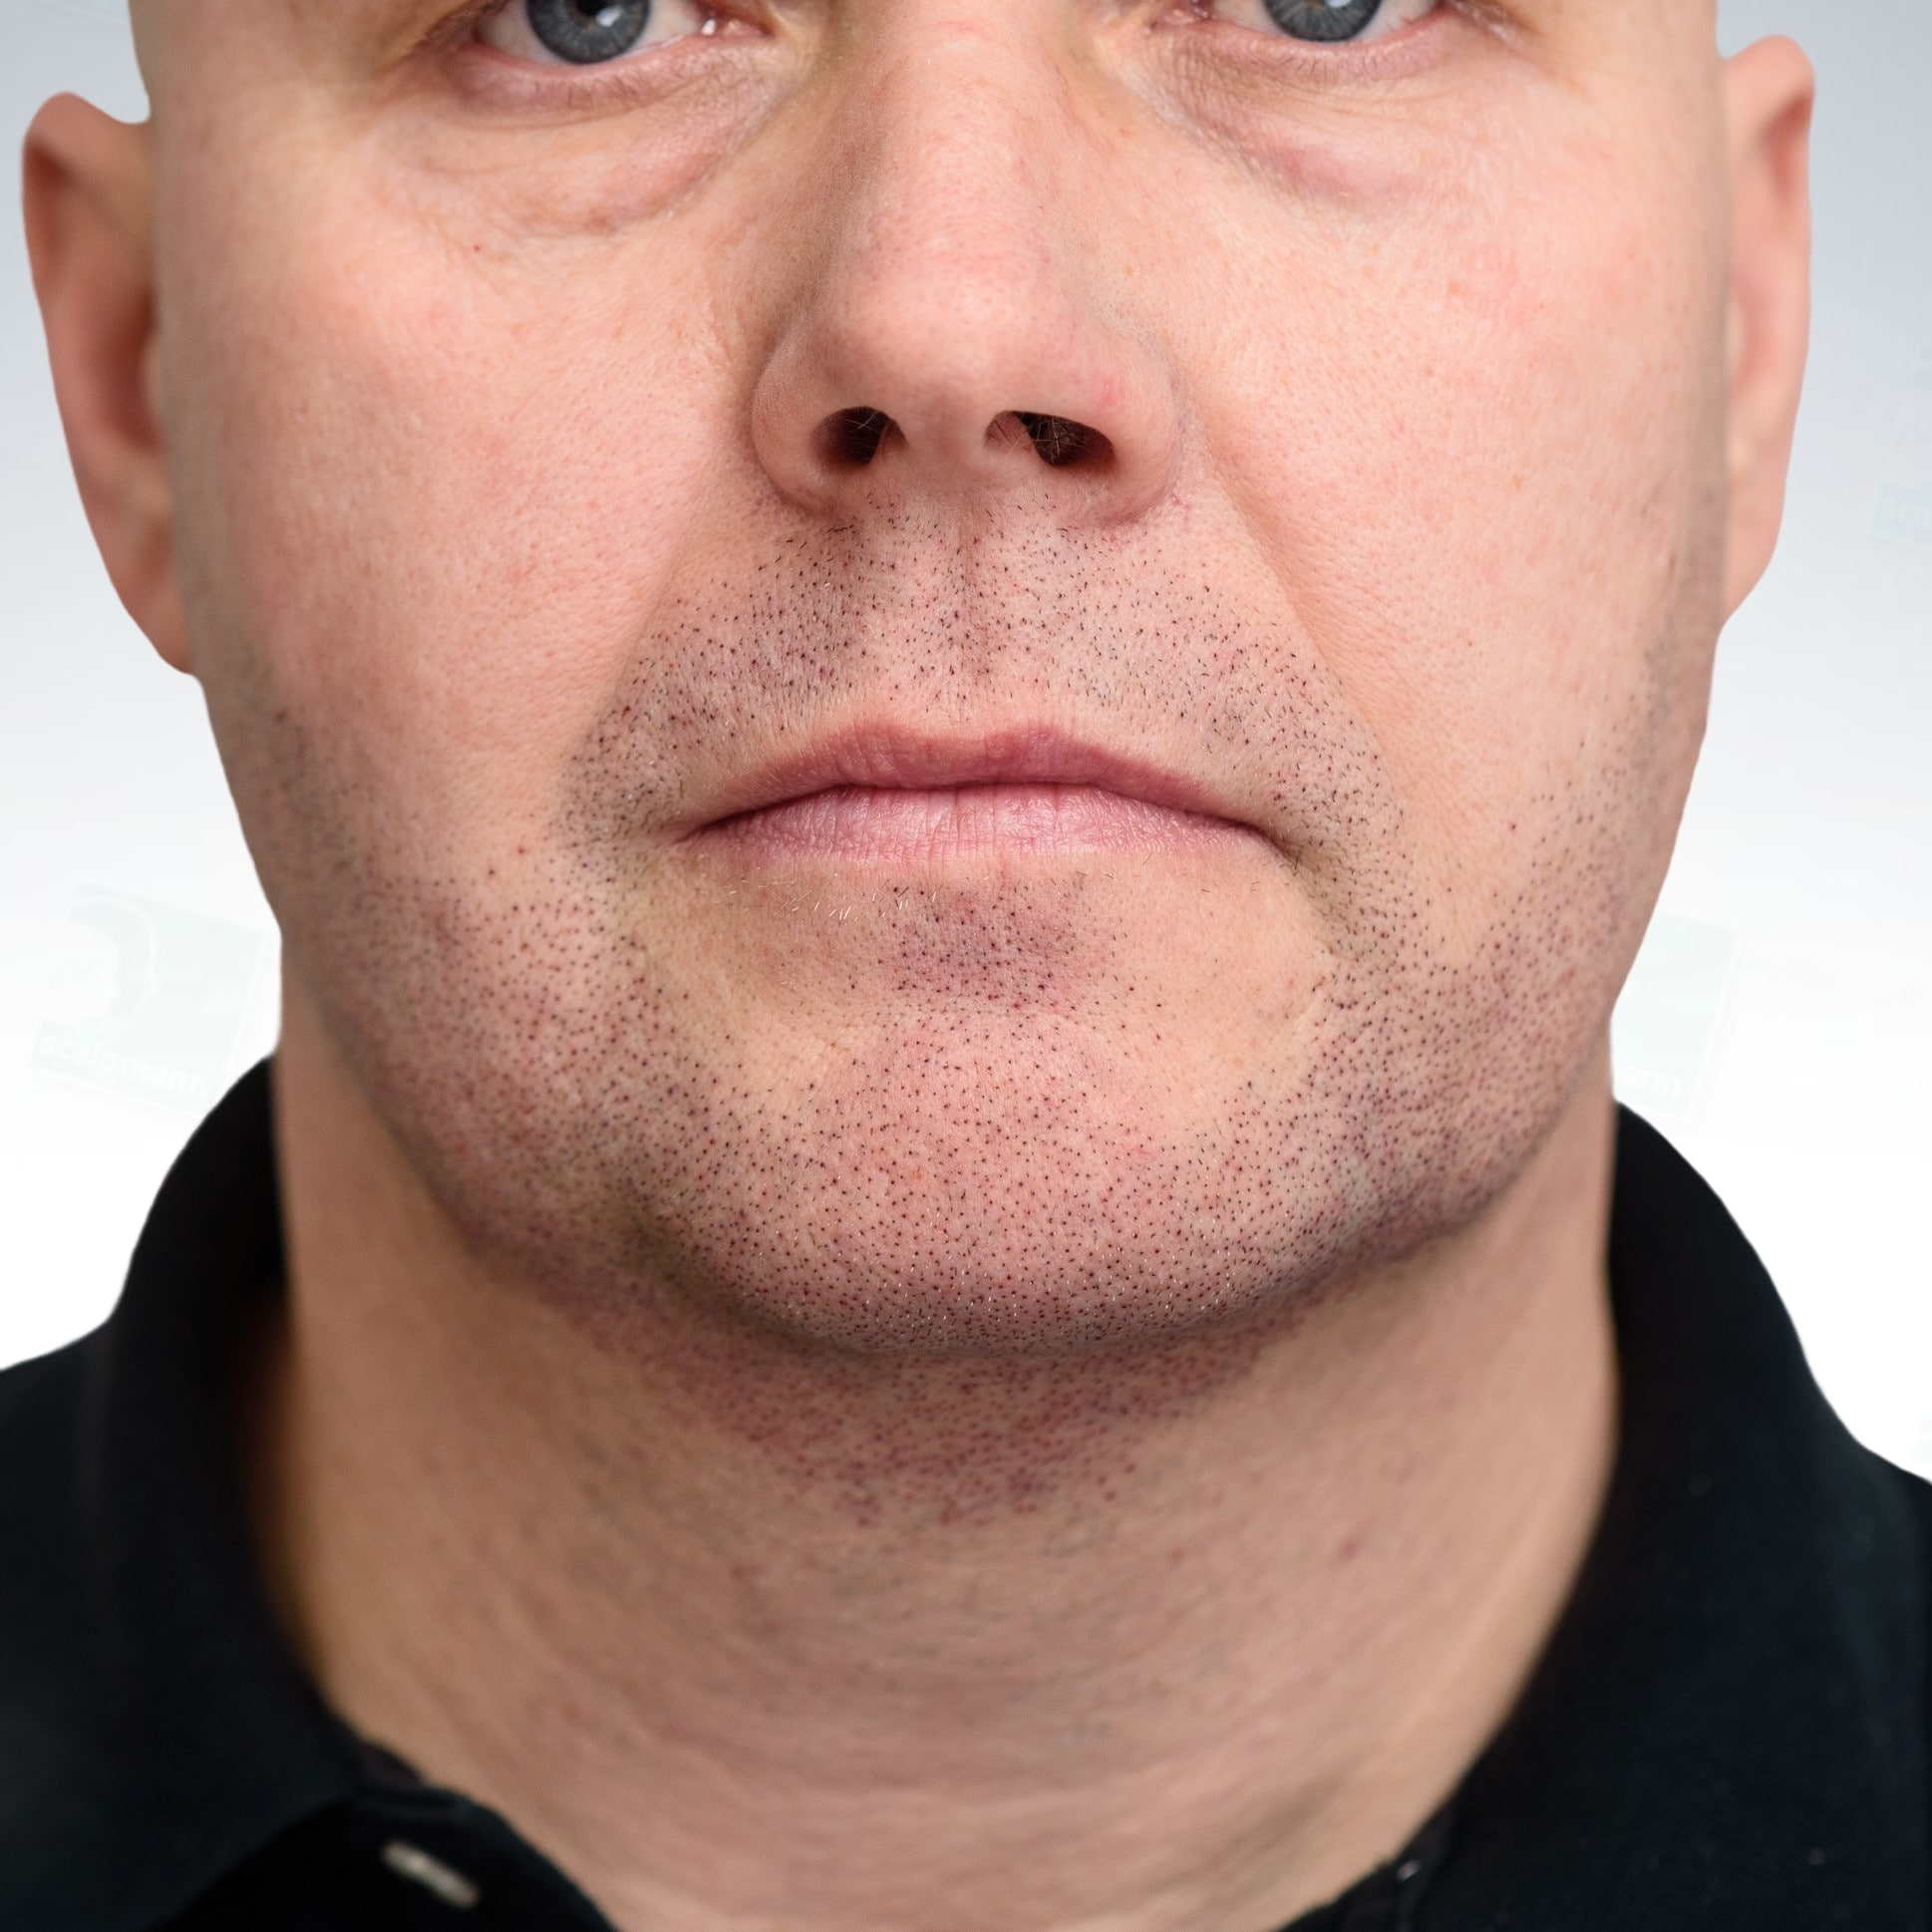 Tatuaż na twarzy imitujący zarost - mikropigmentacja zarostu